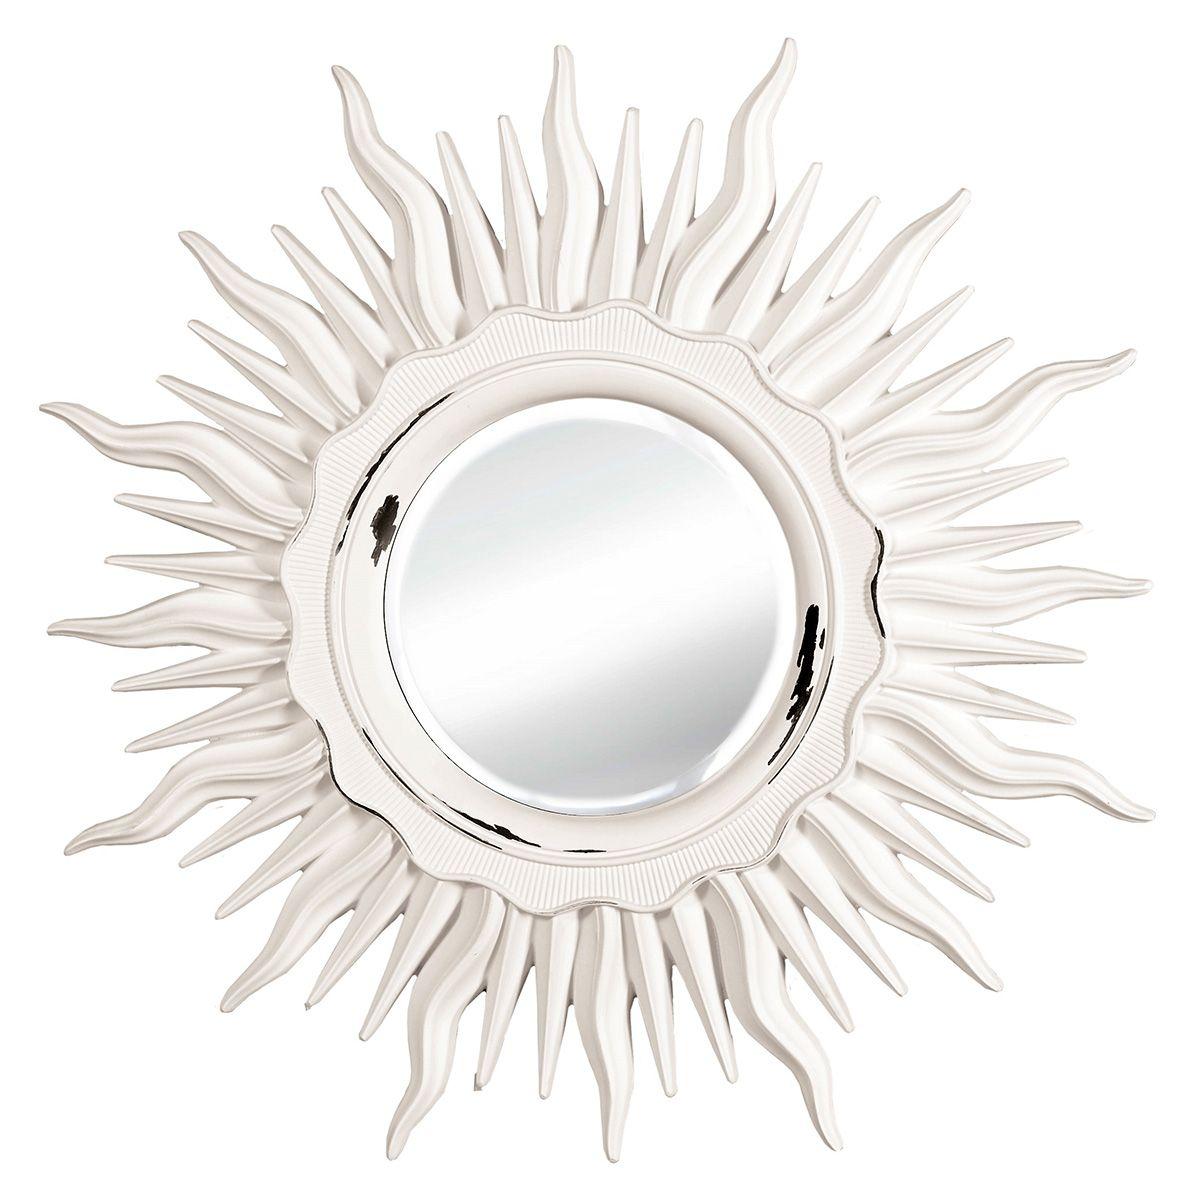 Зеркало VezzoLLi Астро, цвет: белый, диаметр 96 см. 11-0311-03Зеркало выкрашено в стиле Шебби Шик - с потертостями. Ручная работа.